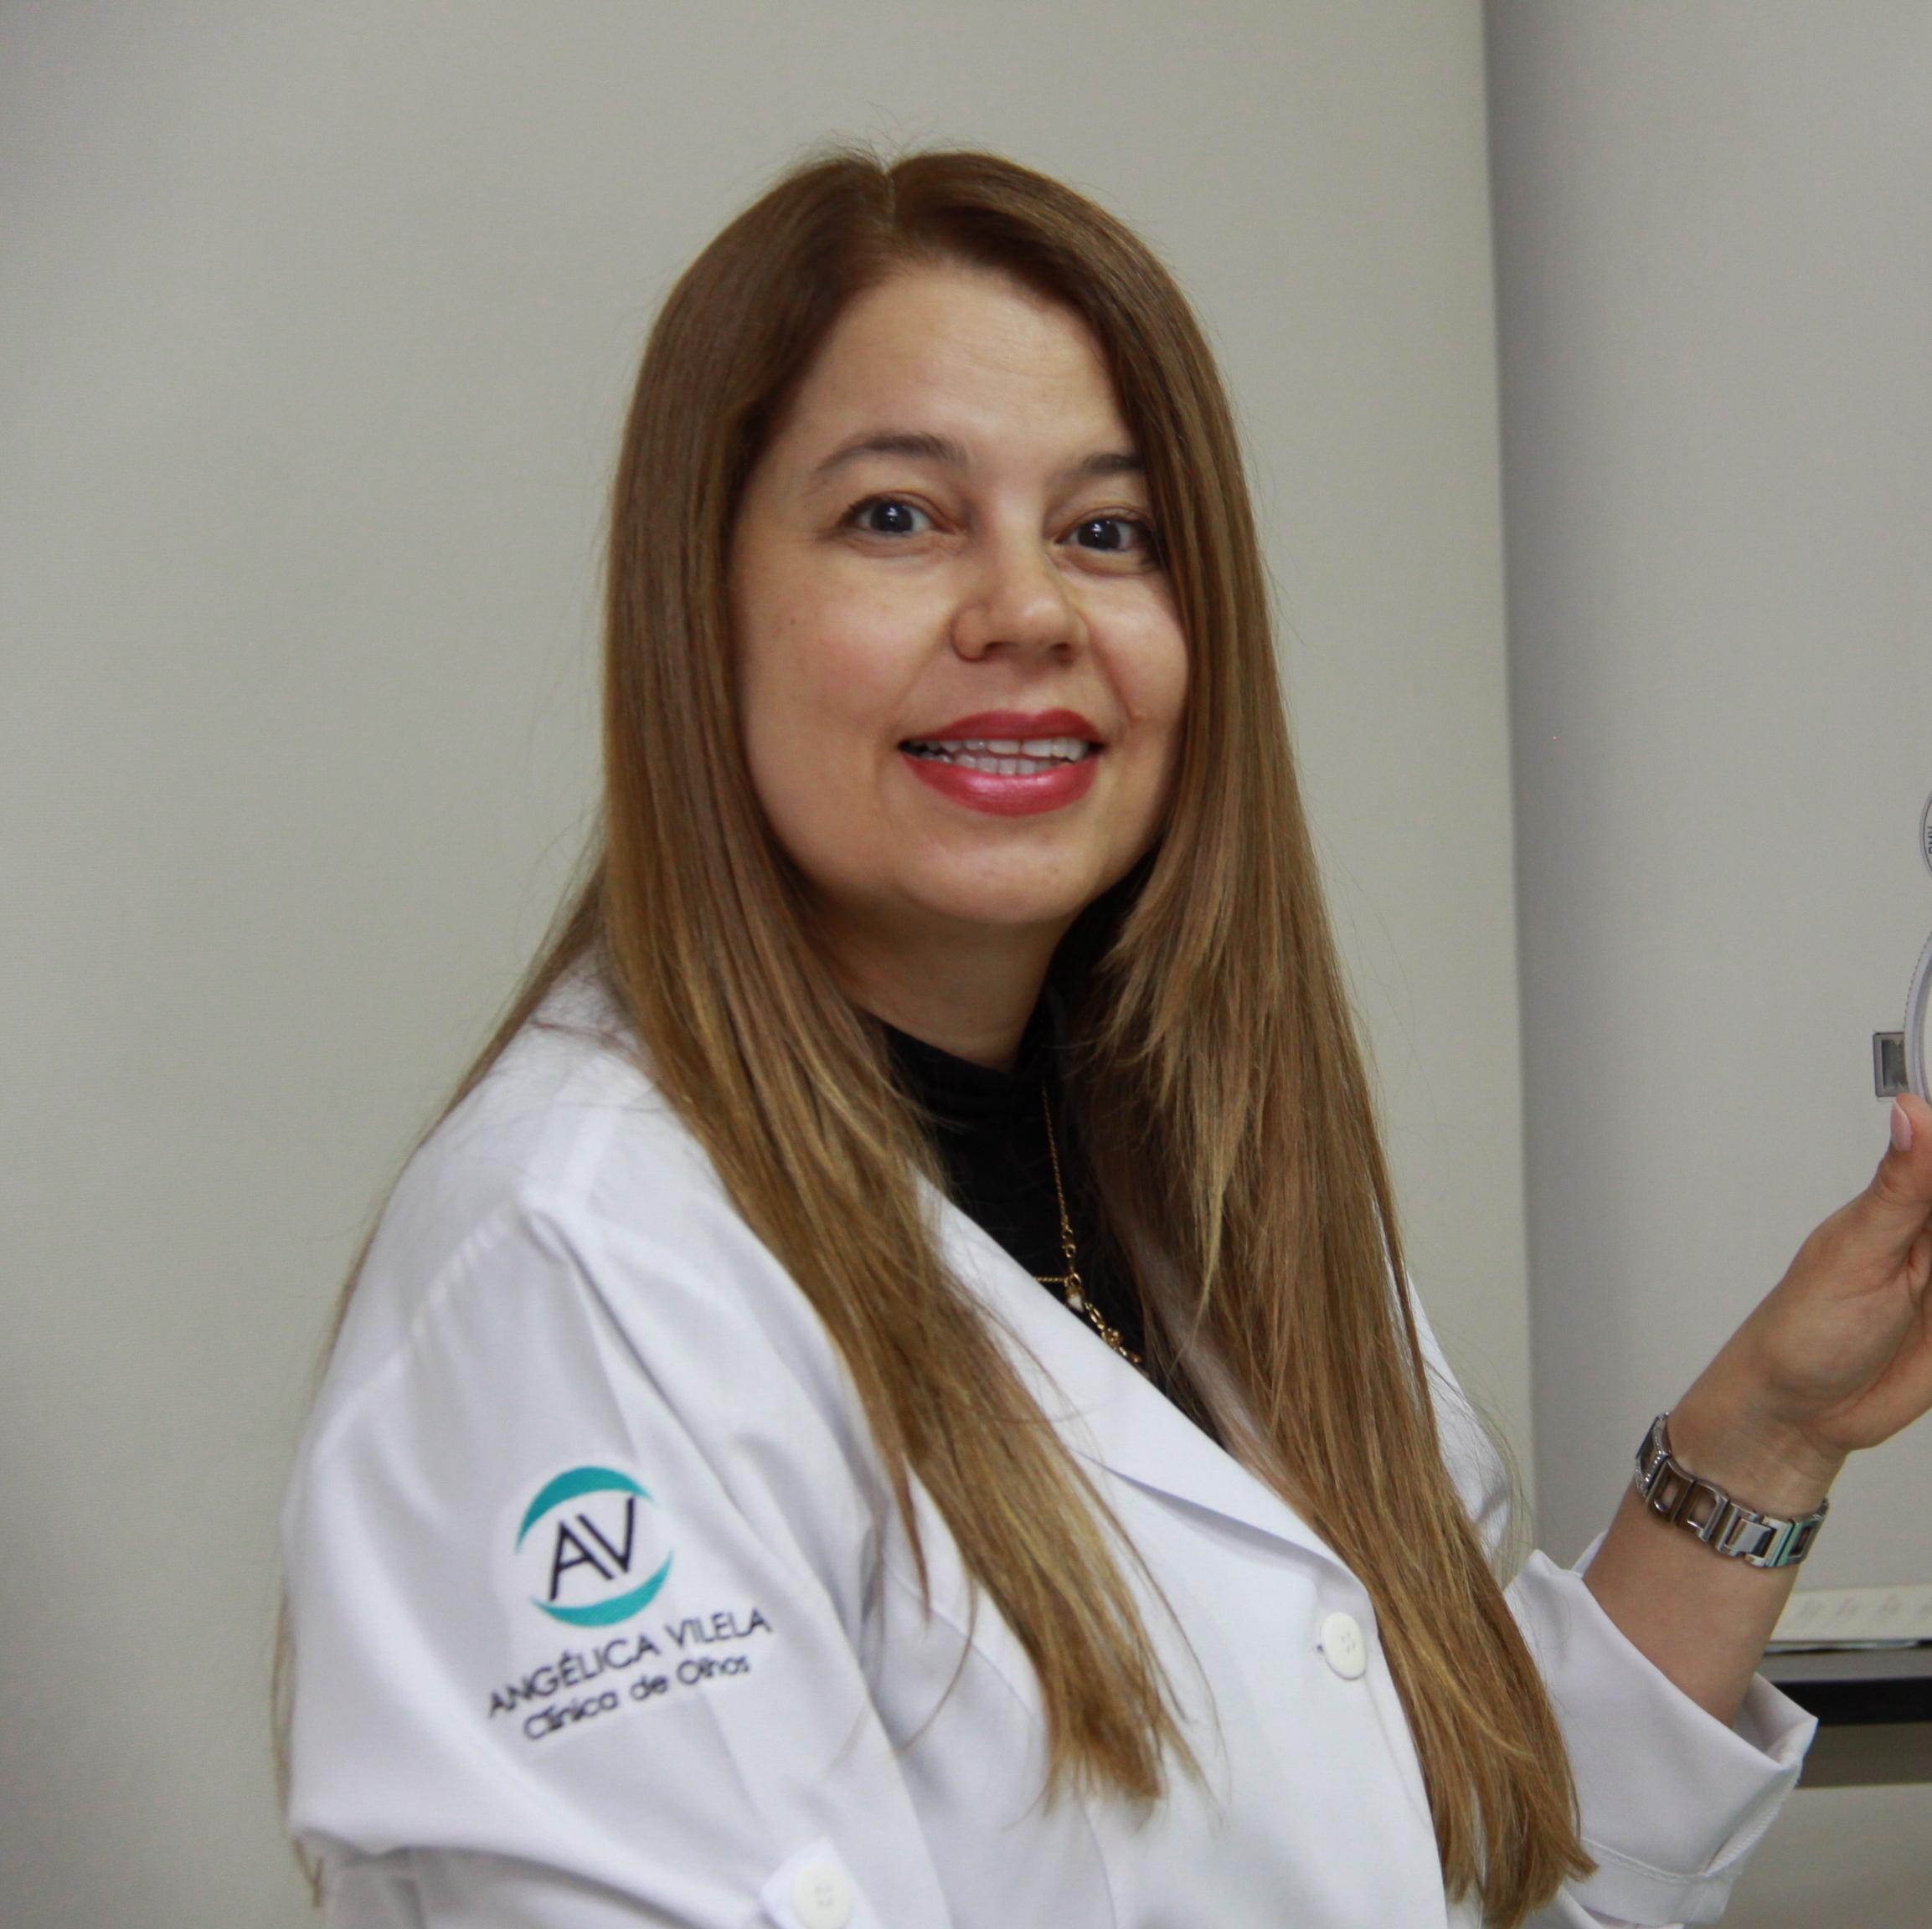 Angelica Haydee Vilela de Oliveira